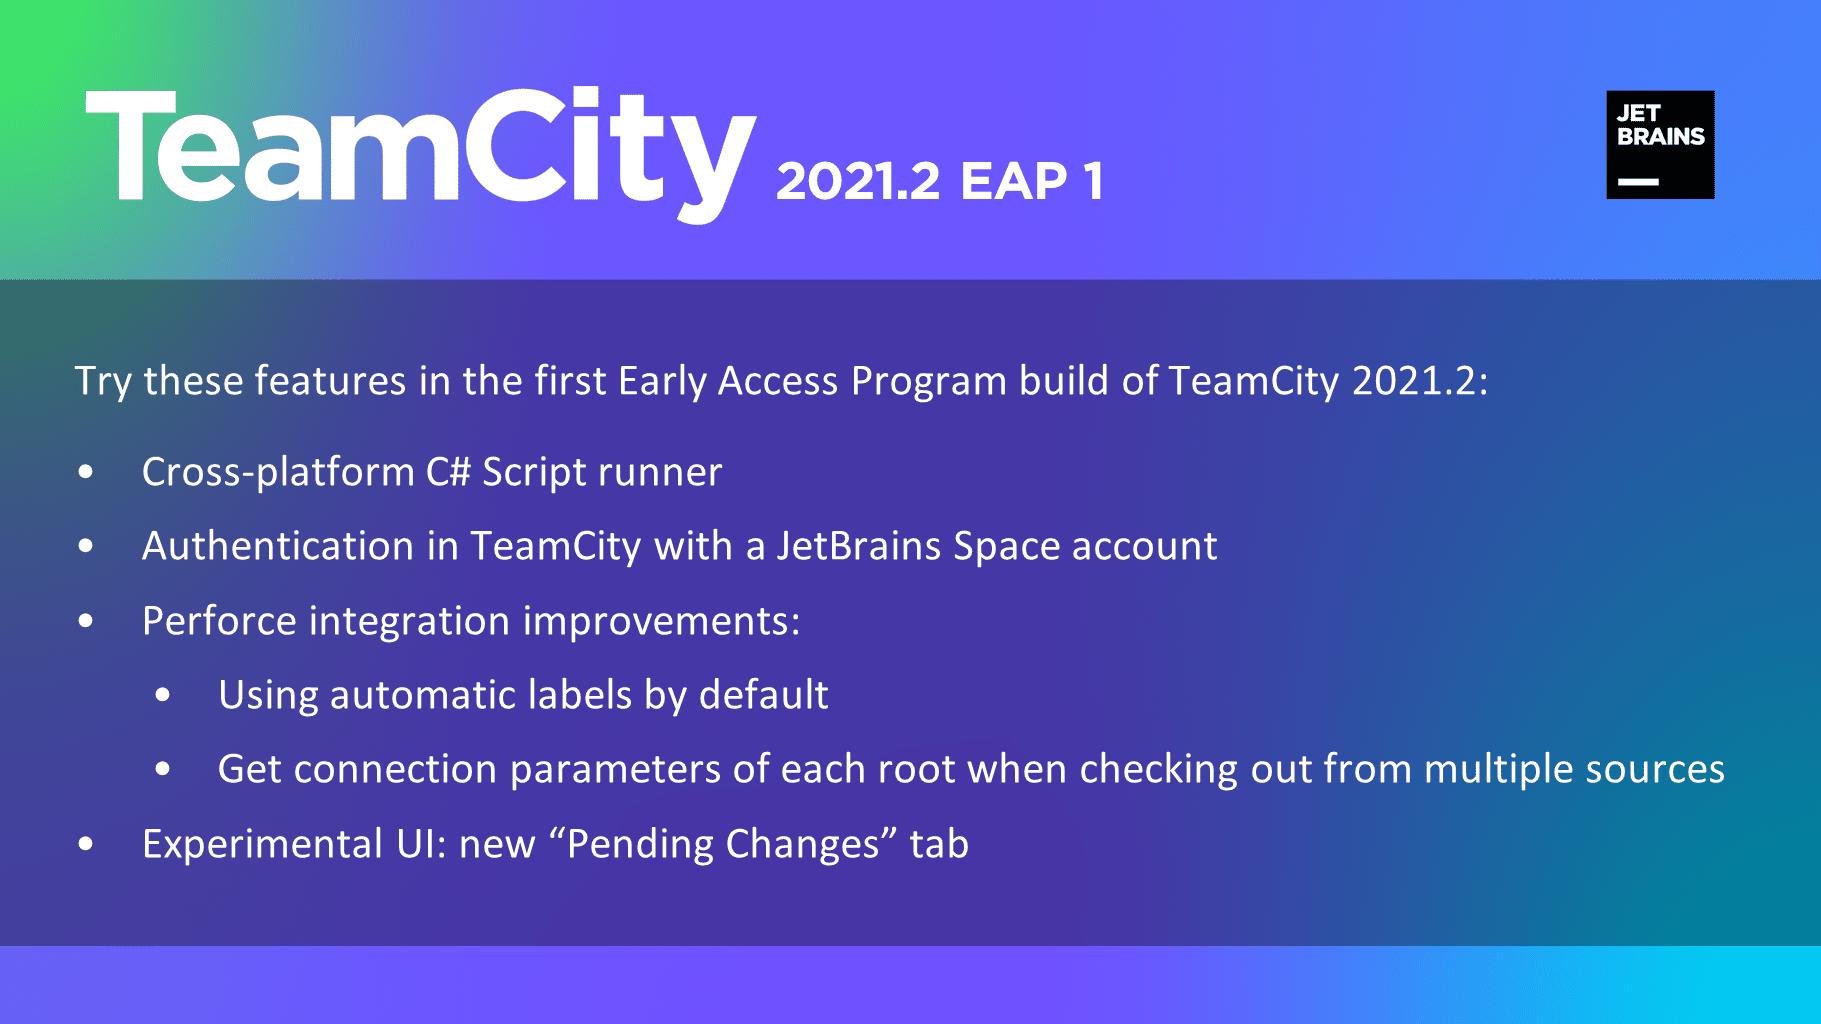 TeamCity 2021.2 EAP1